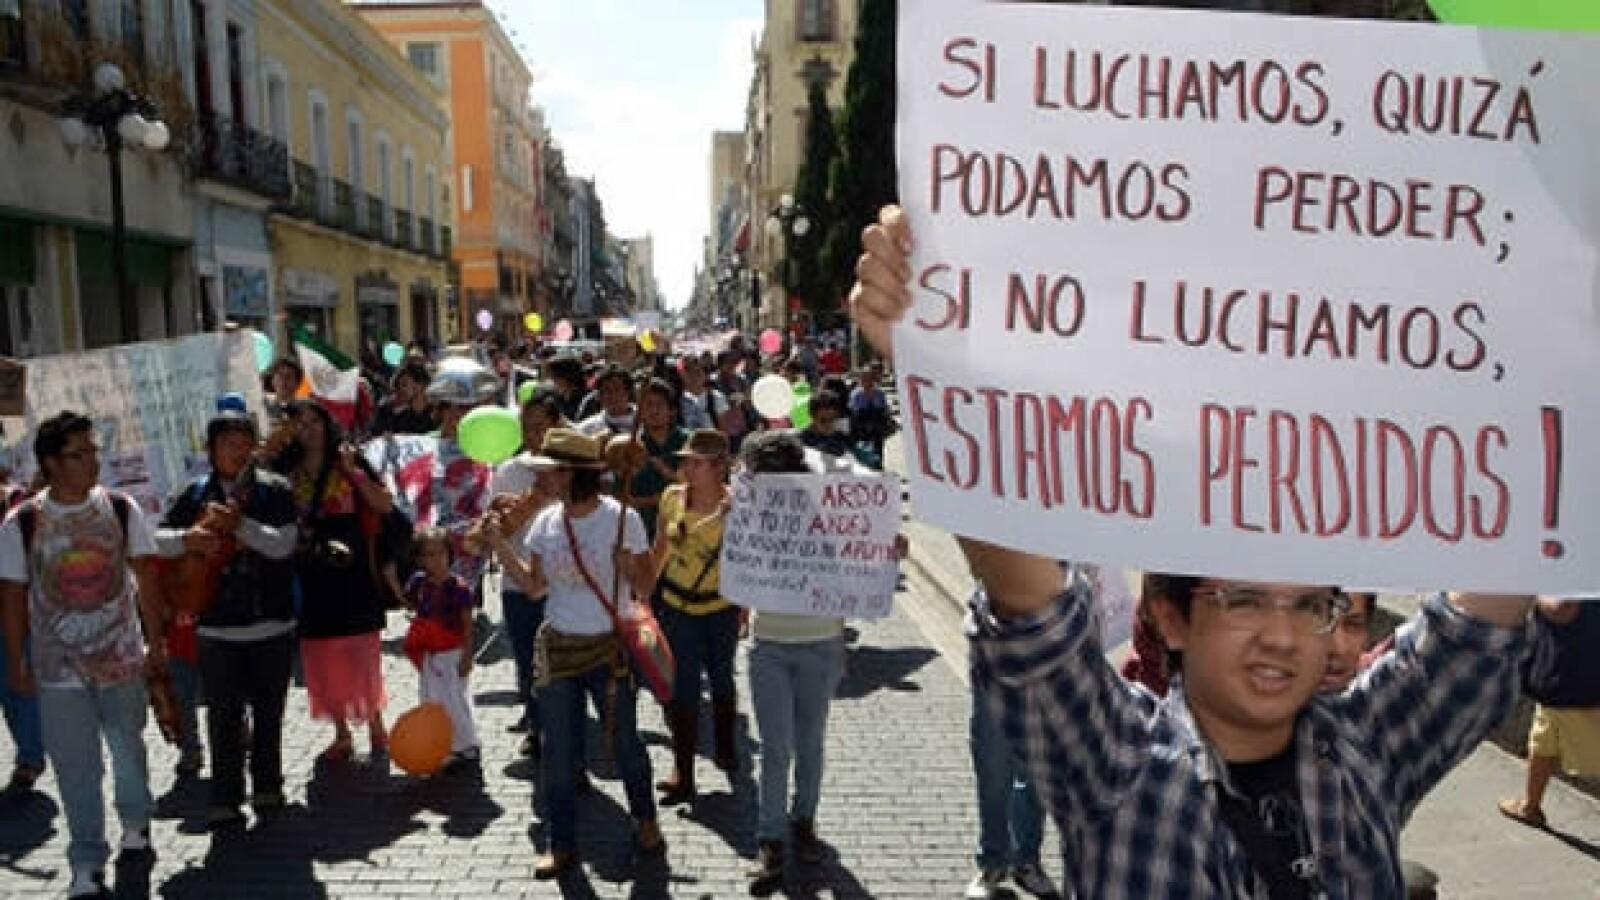 #Yosoy132 protesta ante sede del ife en Puebla 4